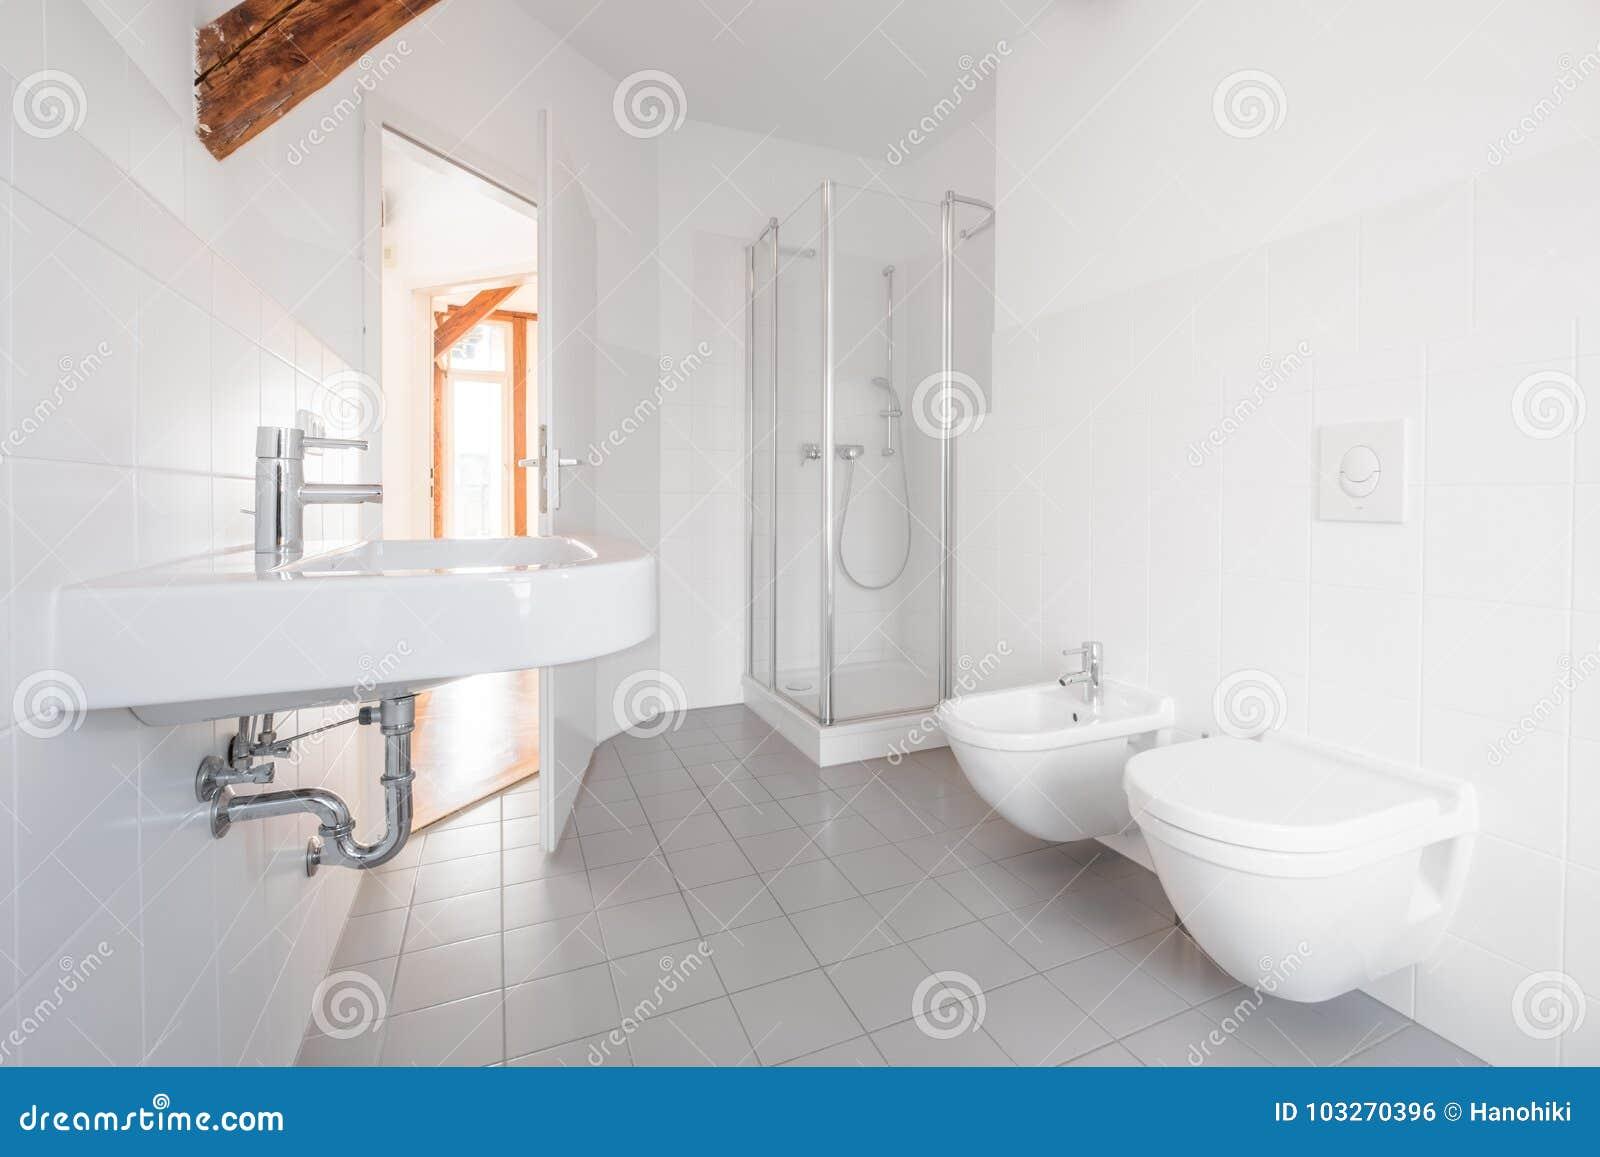 Moderne badkamers wit betegeld bad met douche stock foto